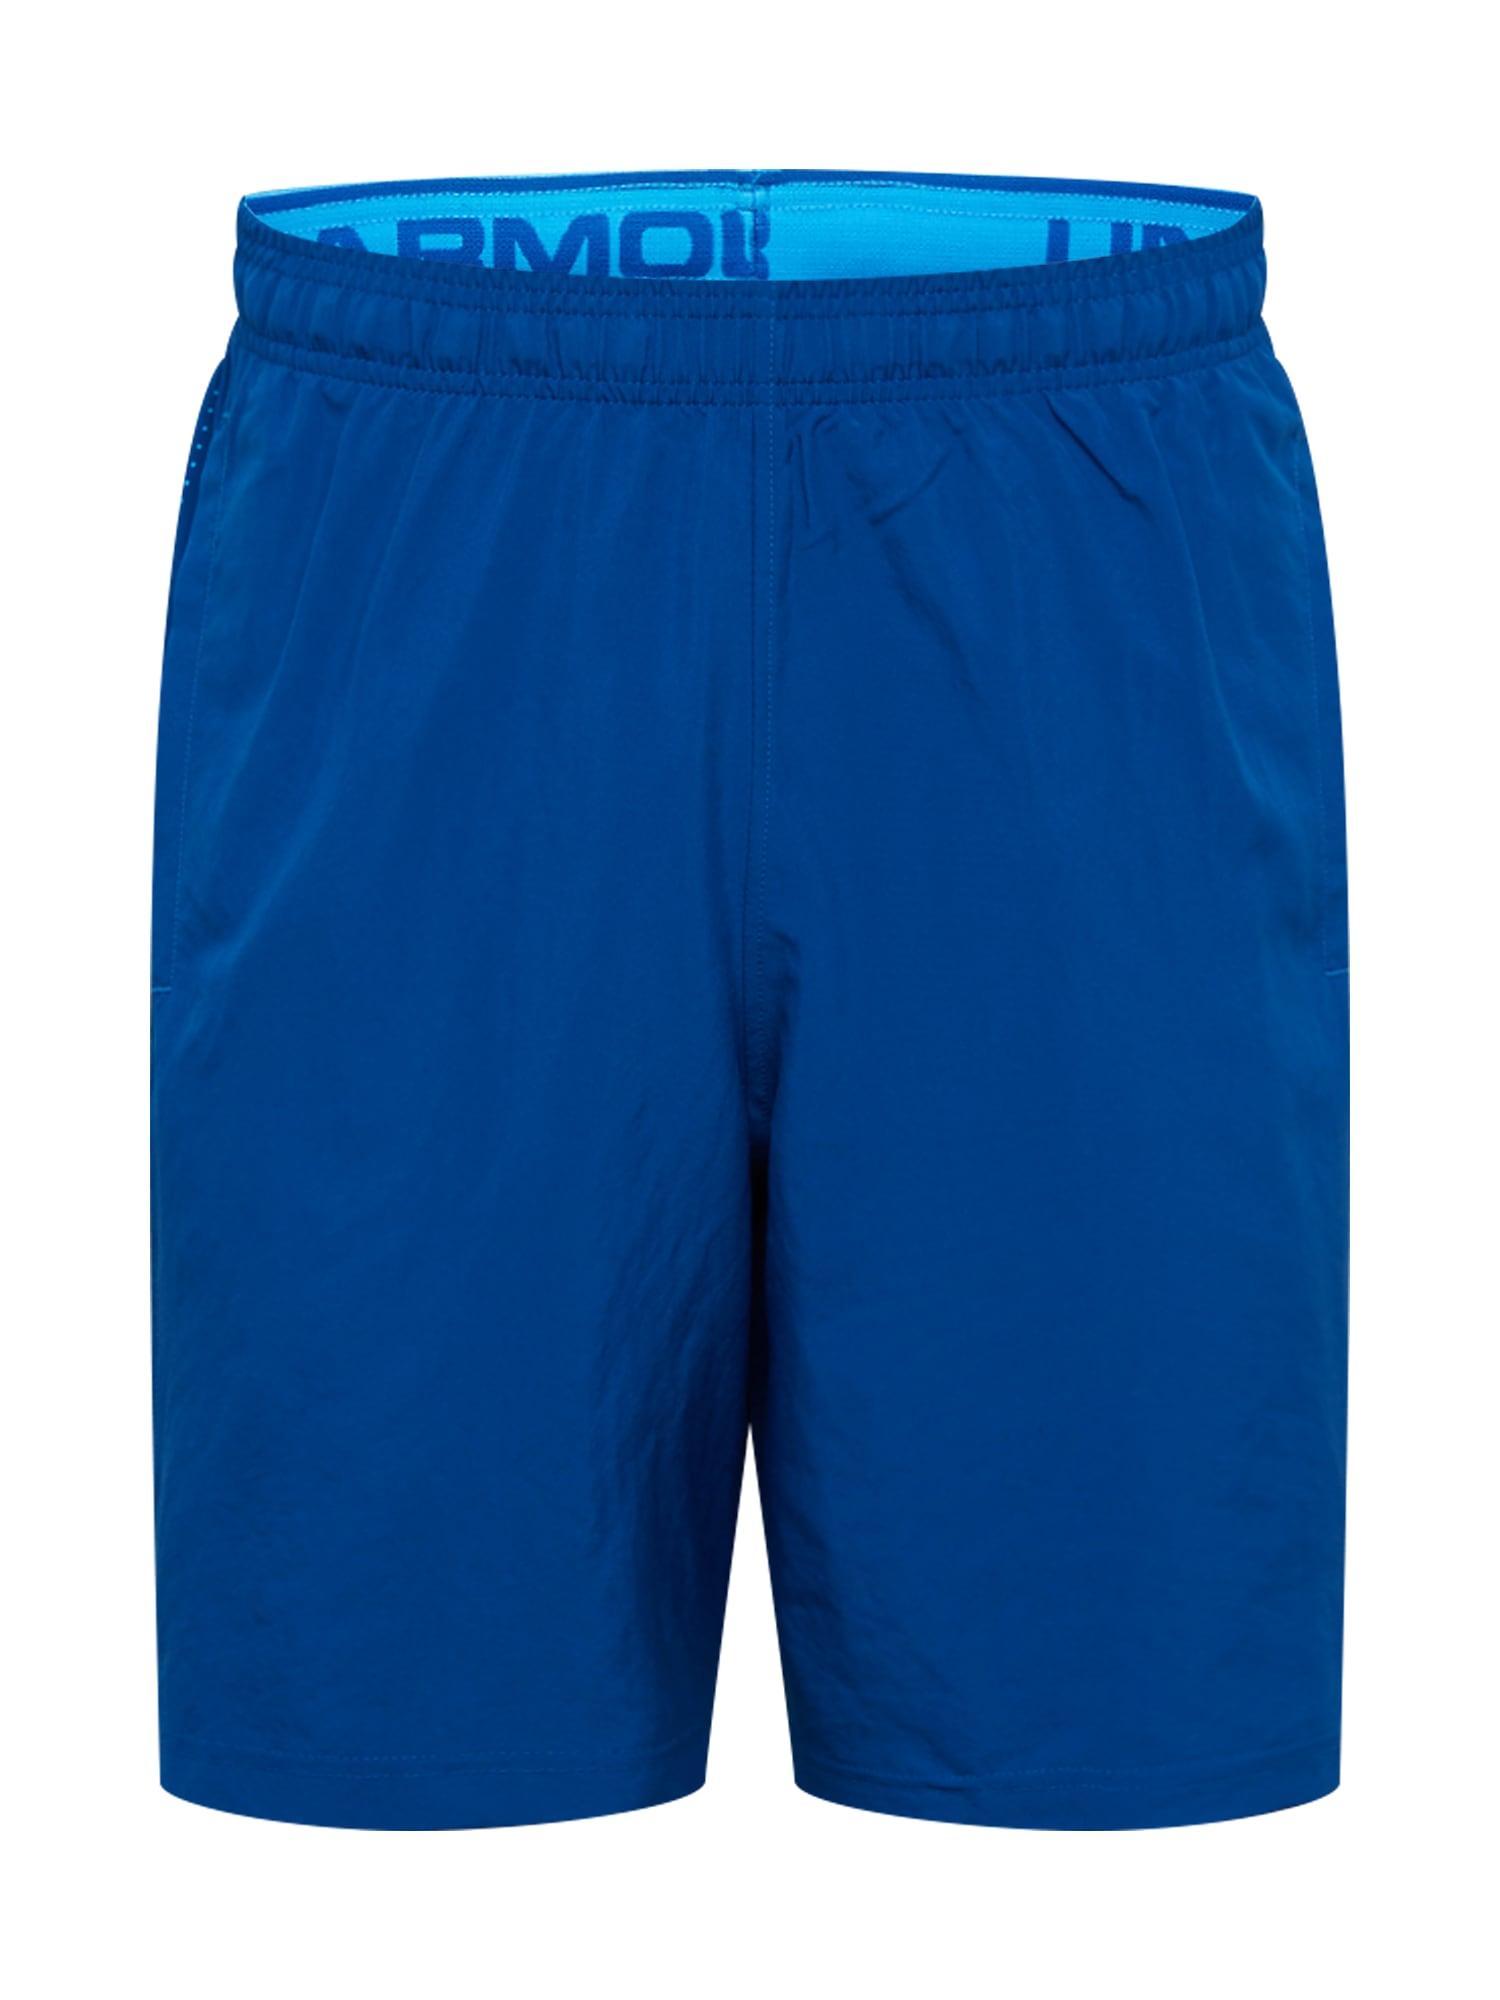 UNDER ARMOUR Sportovní kalhoty 'Woven Graphic'  nebeská modř